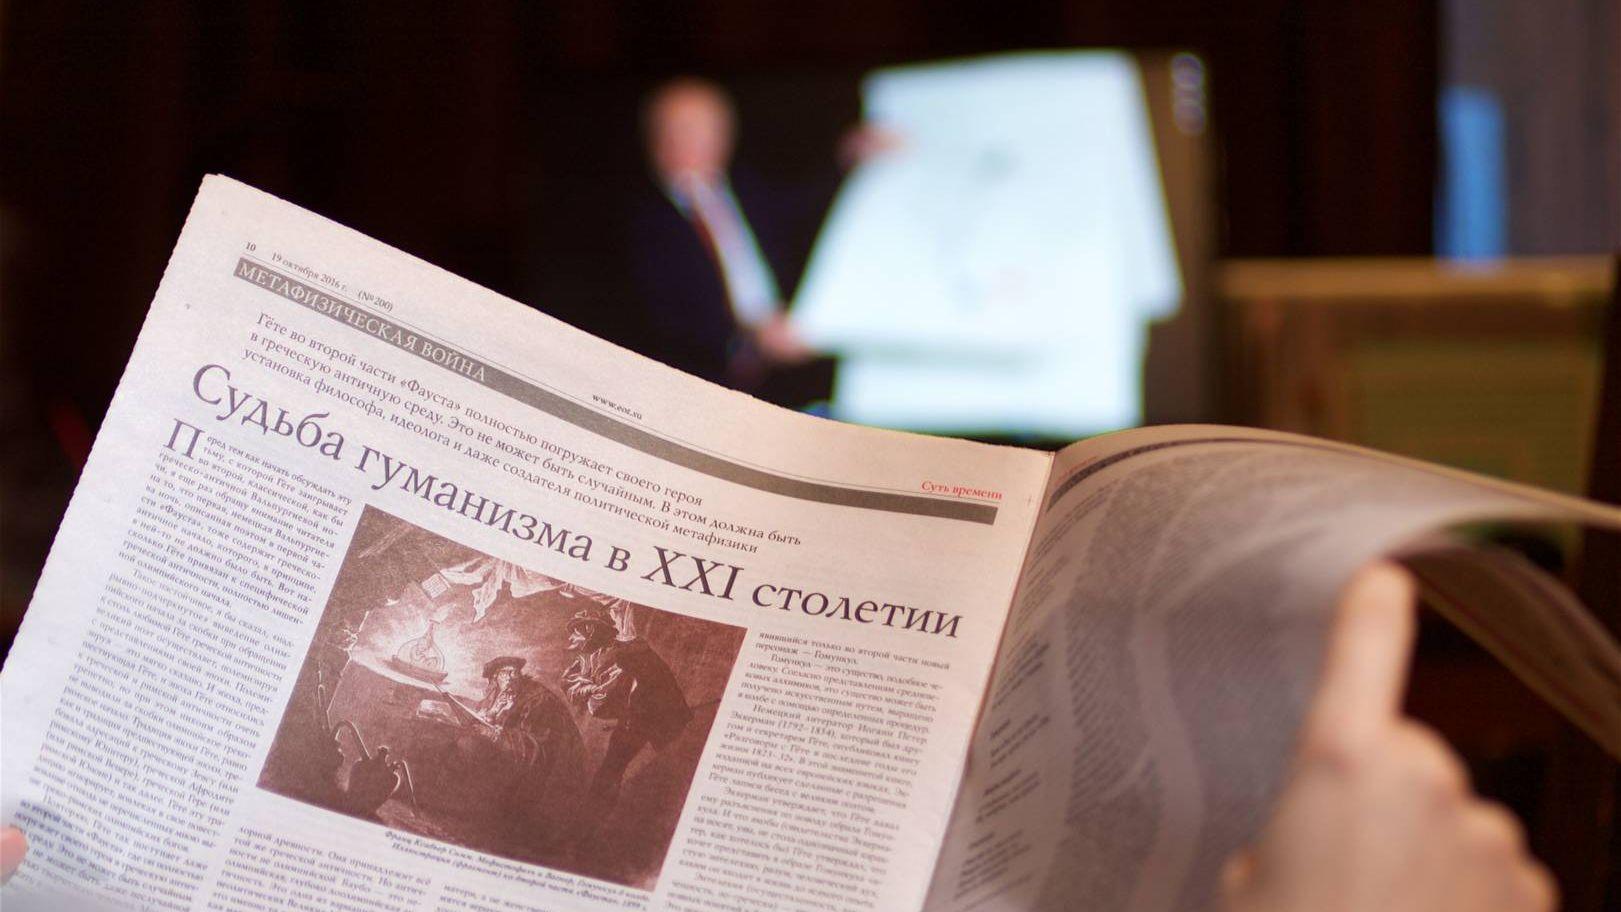 Статья Судьба гуманизма в XXI столетии. Газета «Суть времени» №200